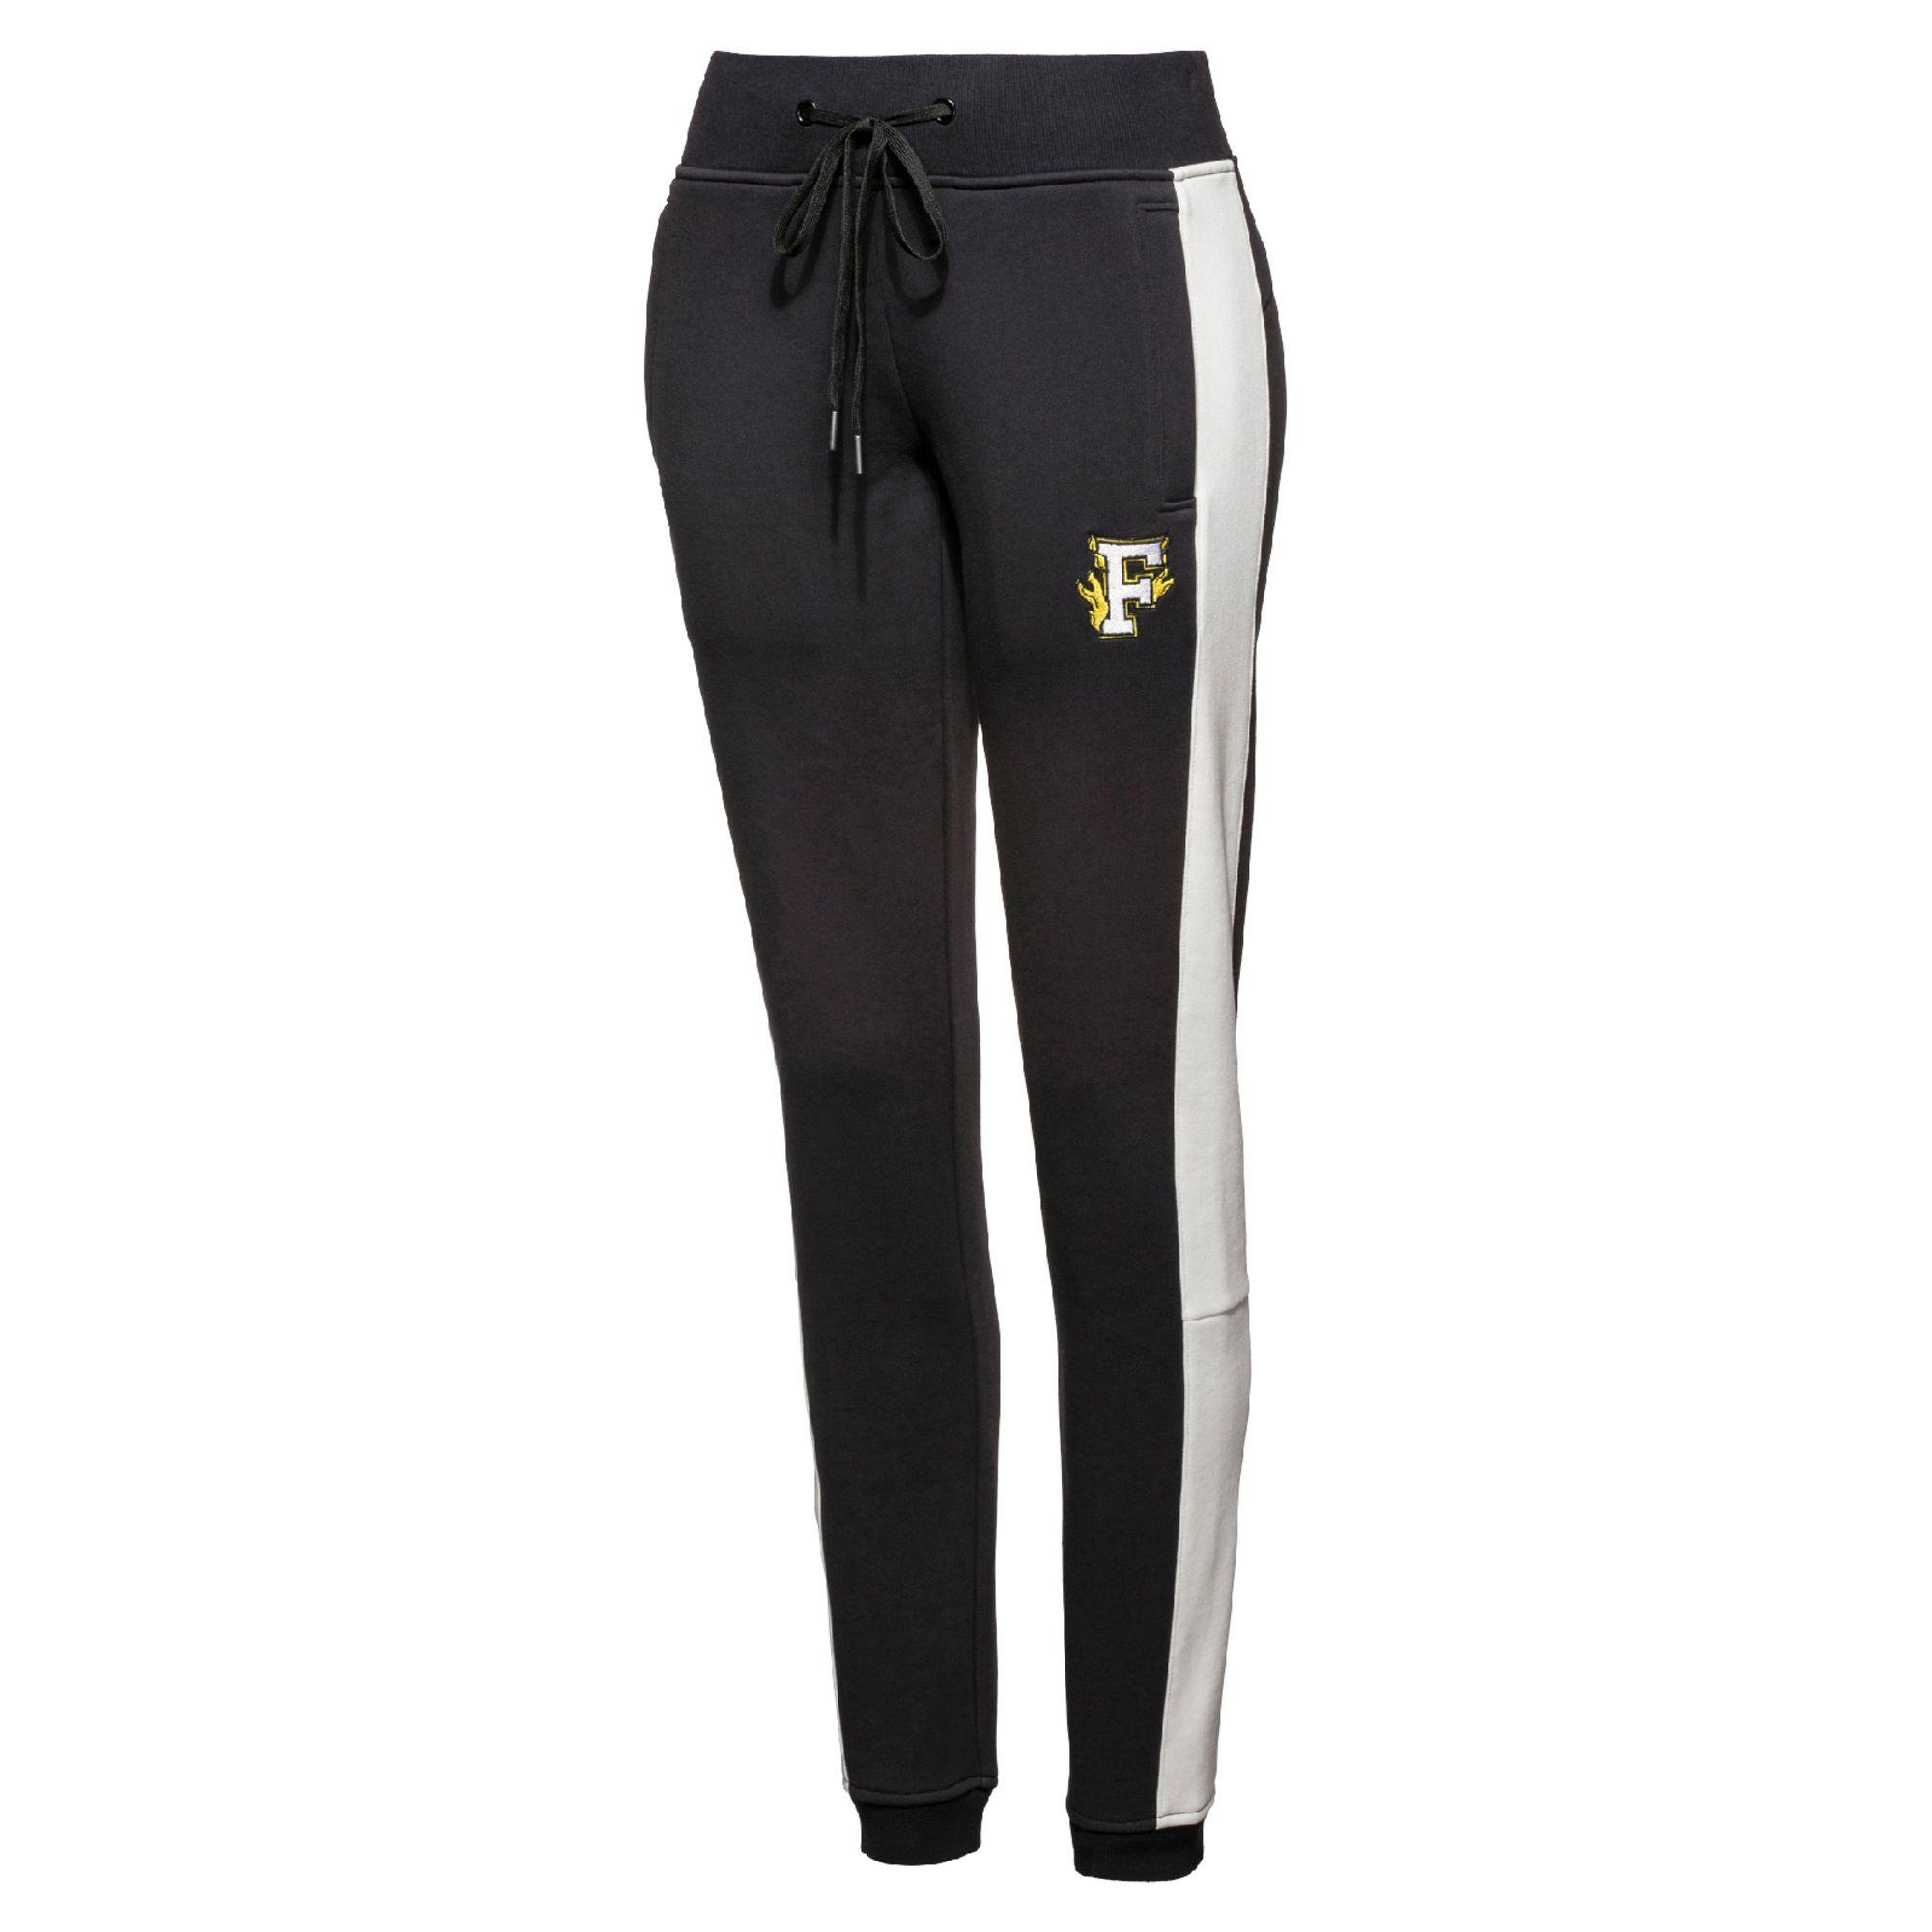 ФЕНТИ женские Fitted панели тренировочные брюки